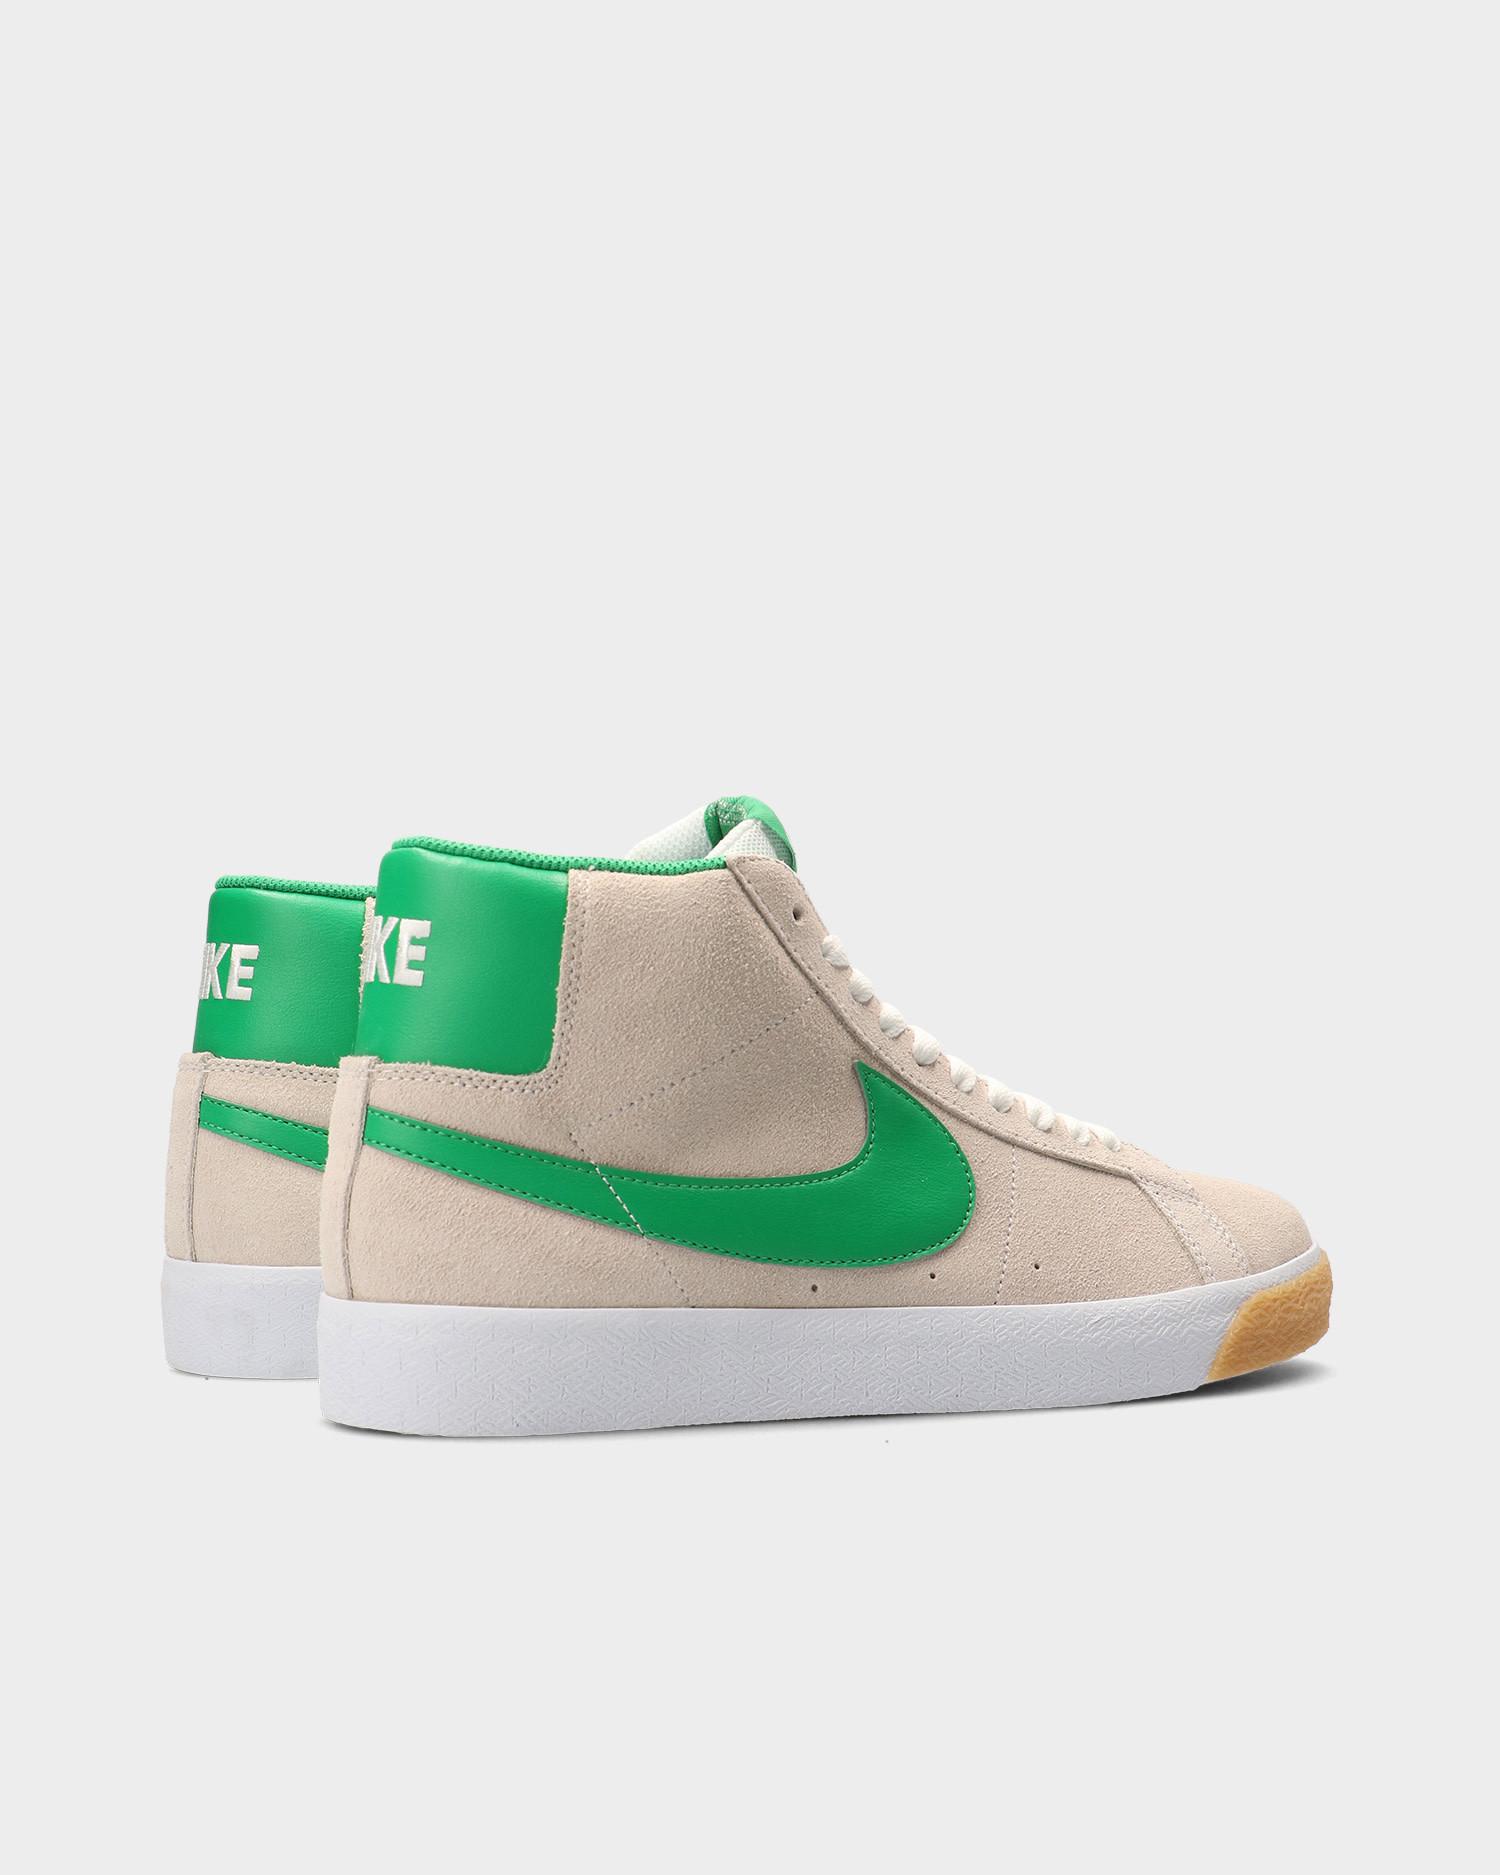 Nike SB Zoom Blazer Mid White/Lucky Green